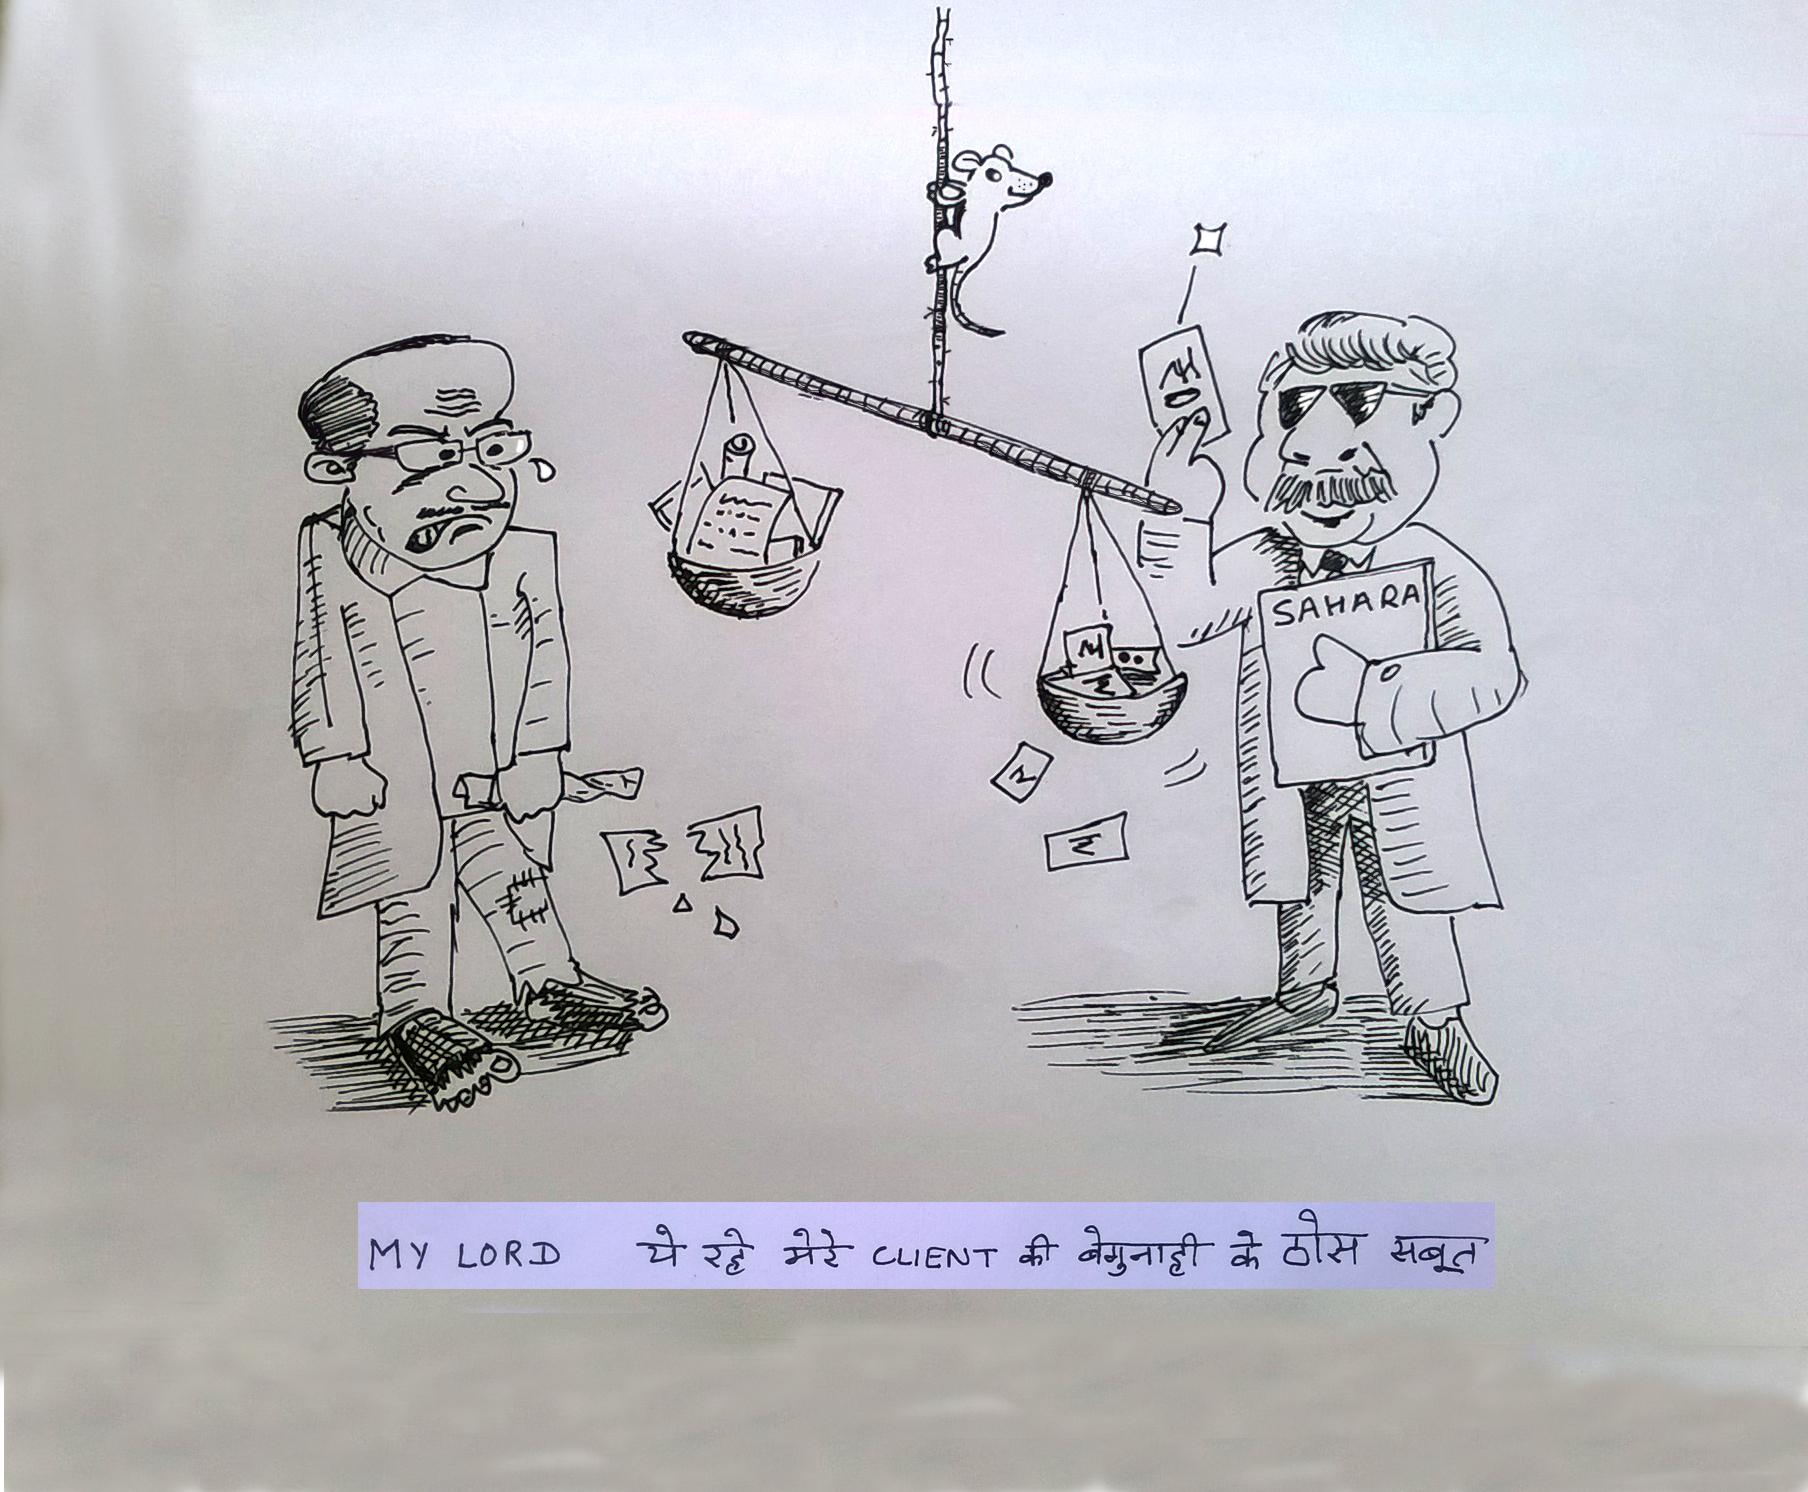 sahara diary case.jpg